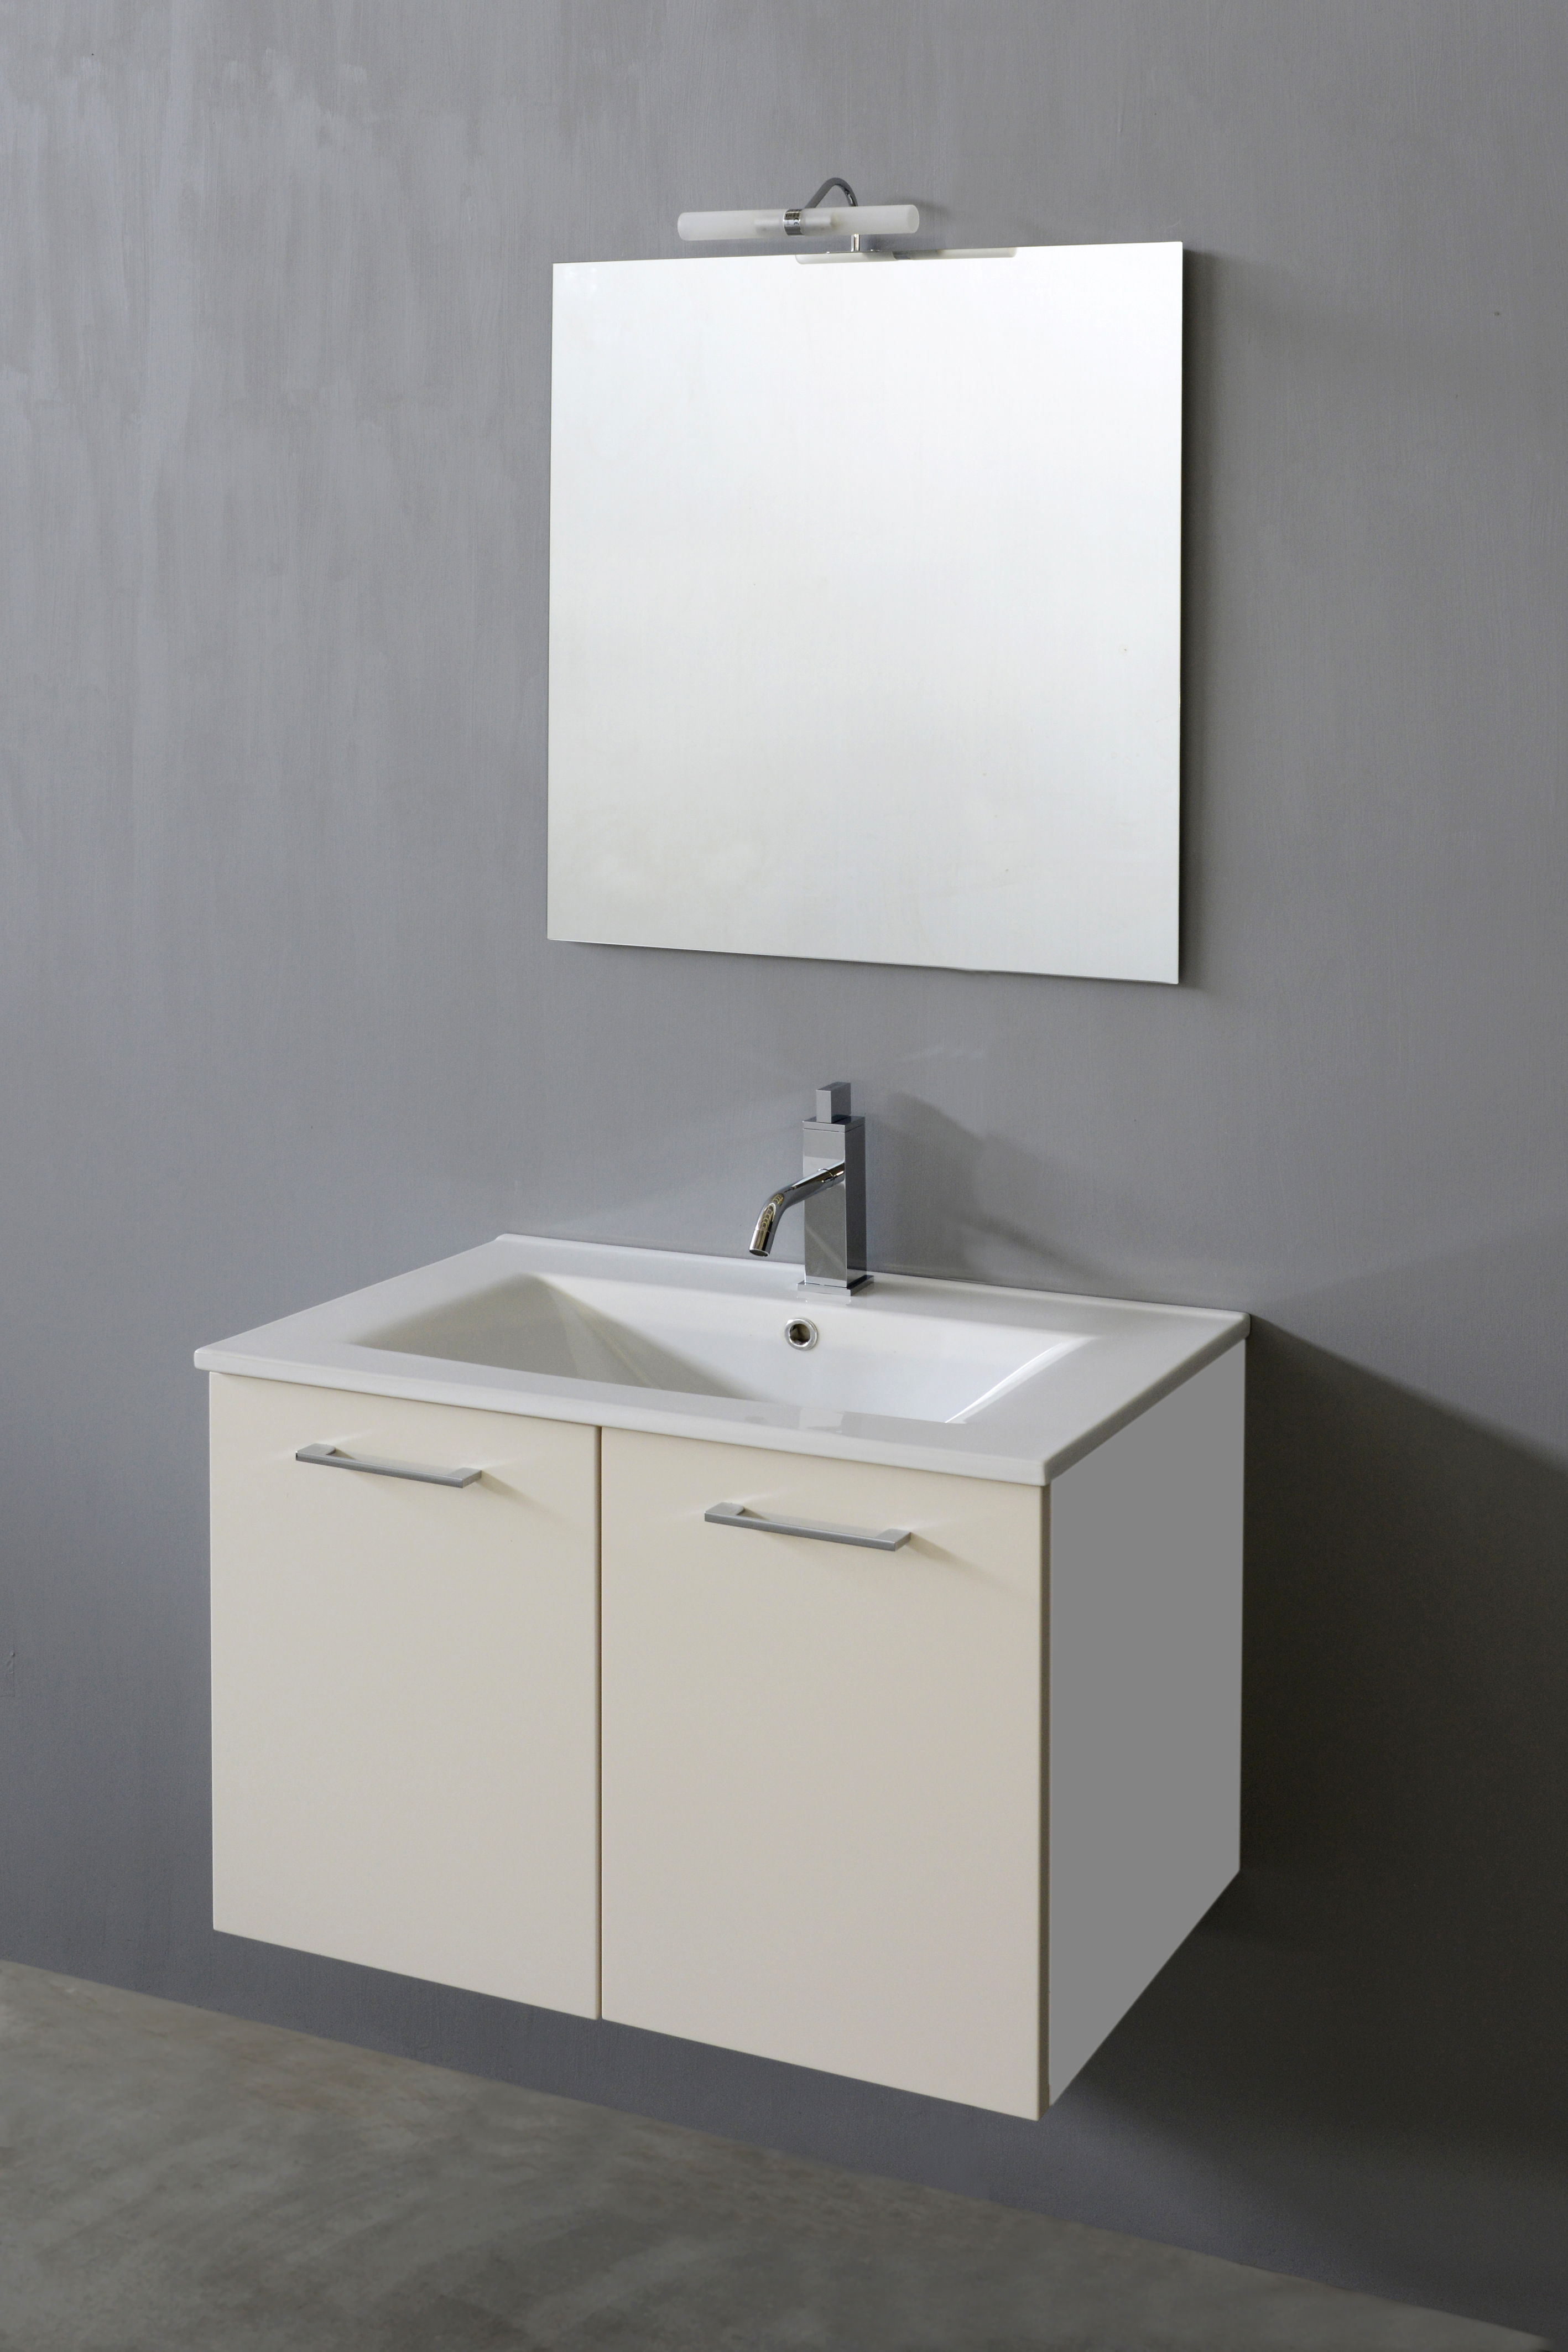 Mobili bagno bricofer design casa creativa e mobili - Mobile bagno due lavabi ...